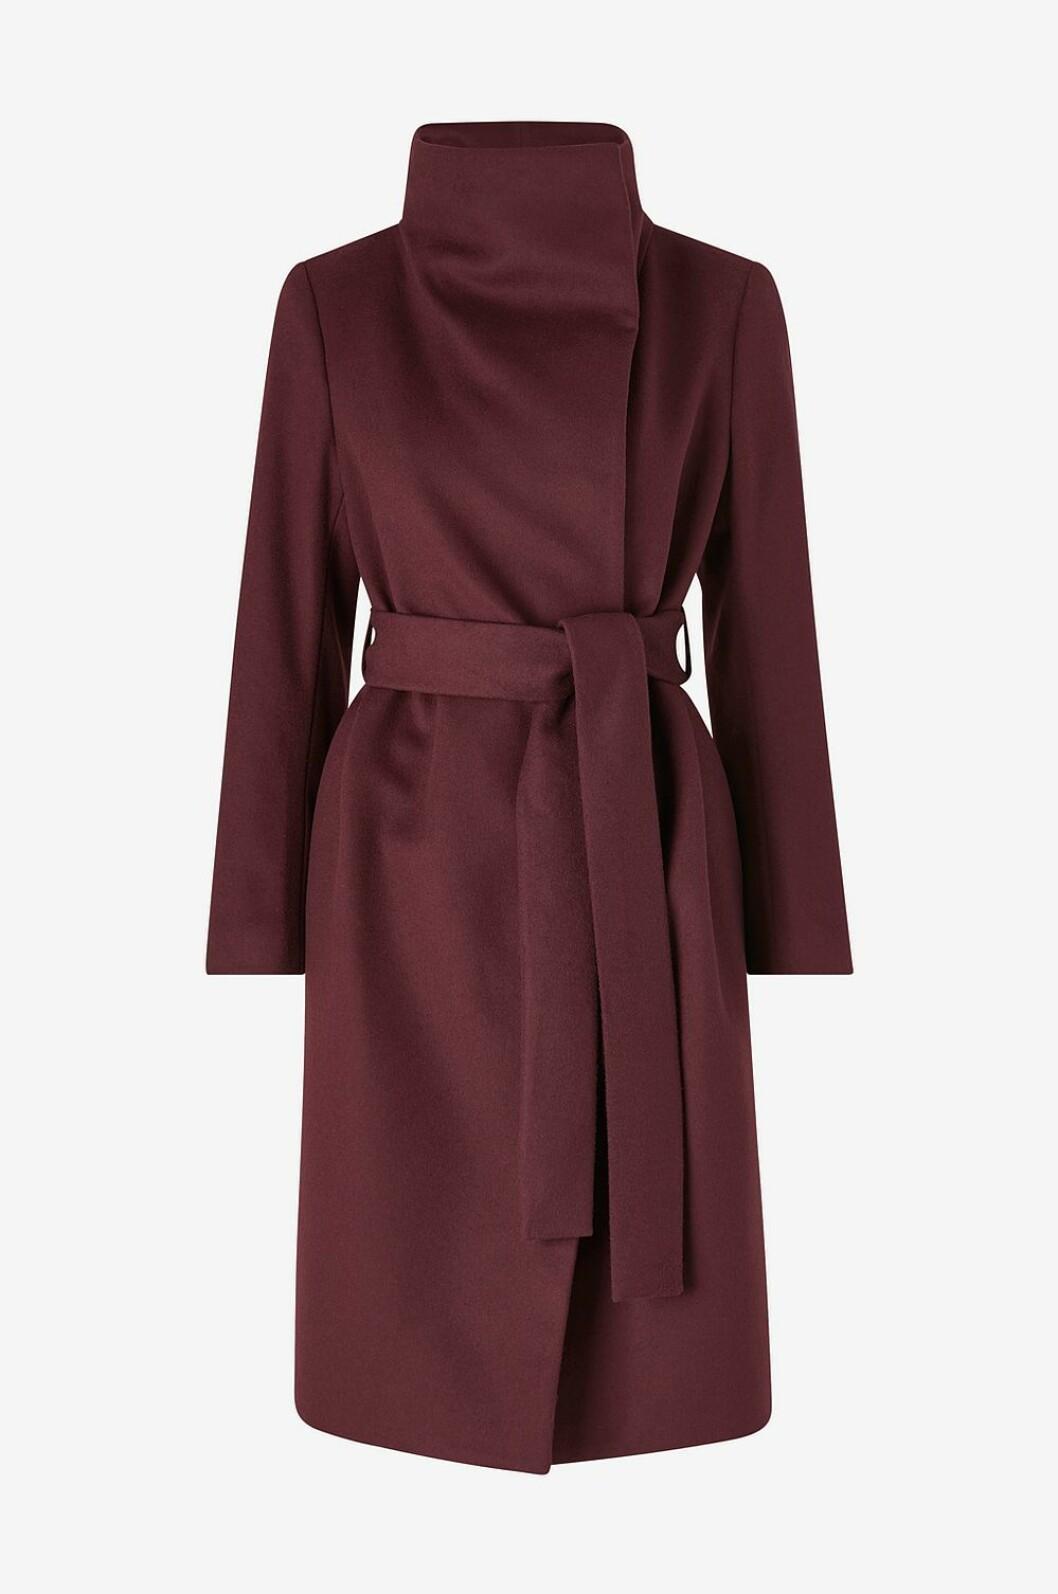 Vinröd kappa i modern siluett gjord i en blandning av mjuk ull- och kashmir. Från Tiger of Sweden via Ellos.